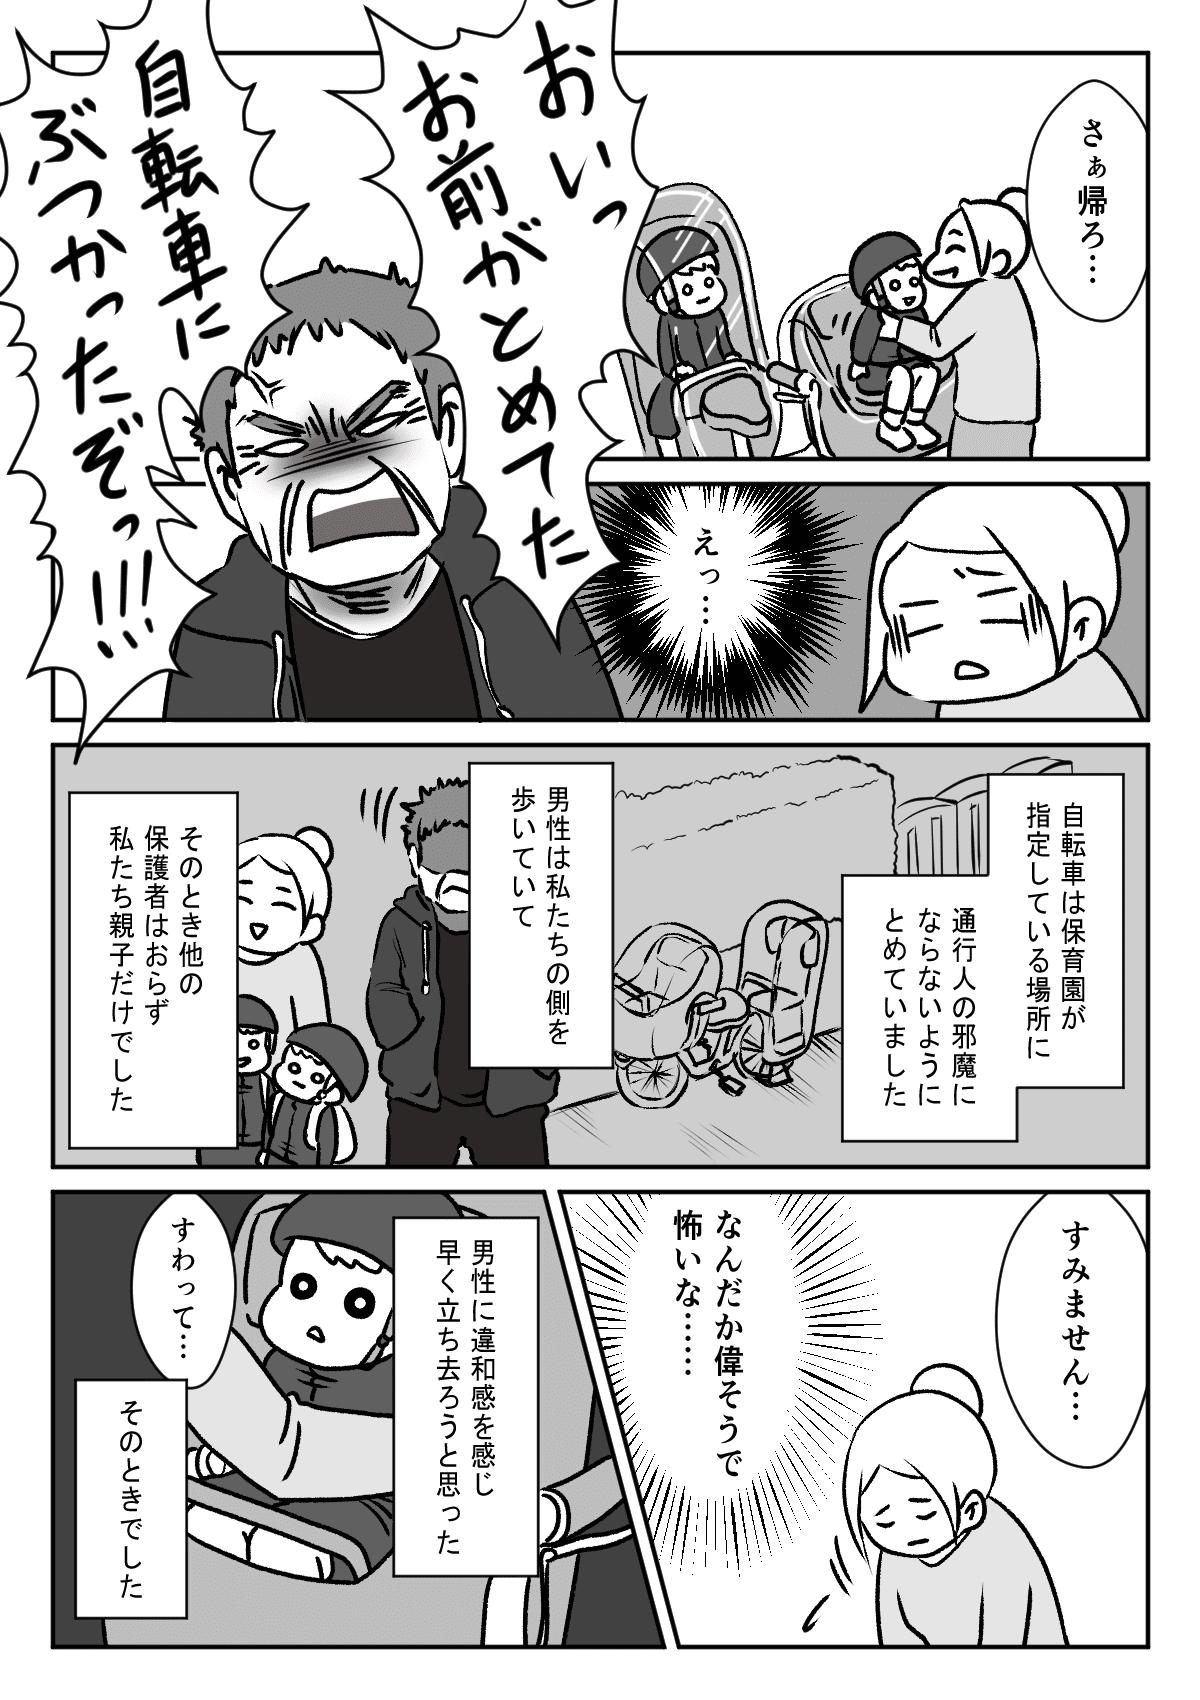 【前編】不審者と遭遇!1